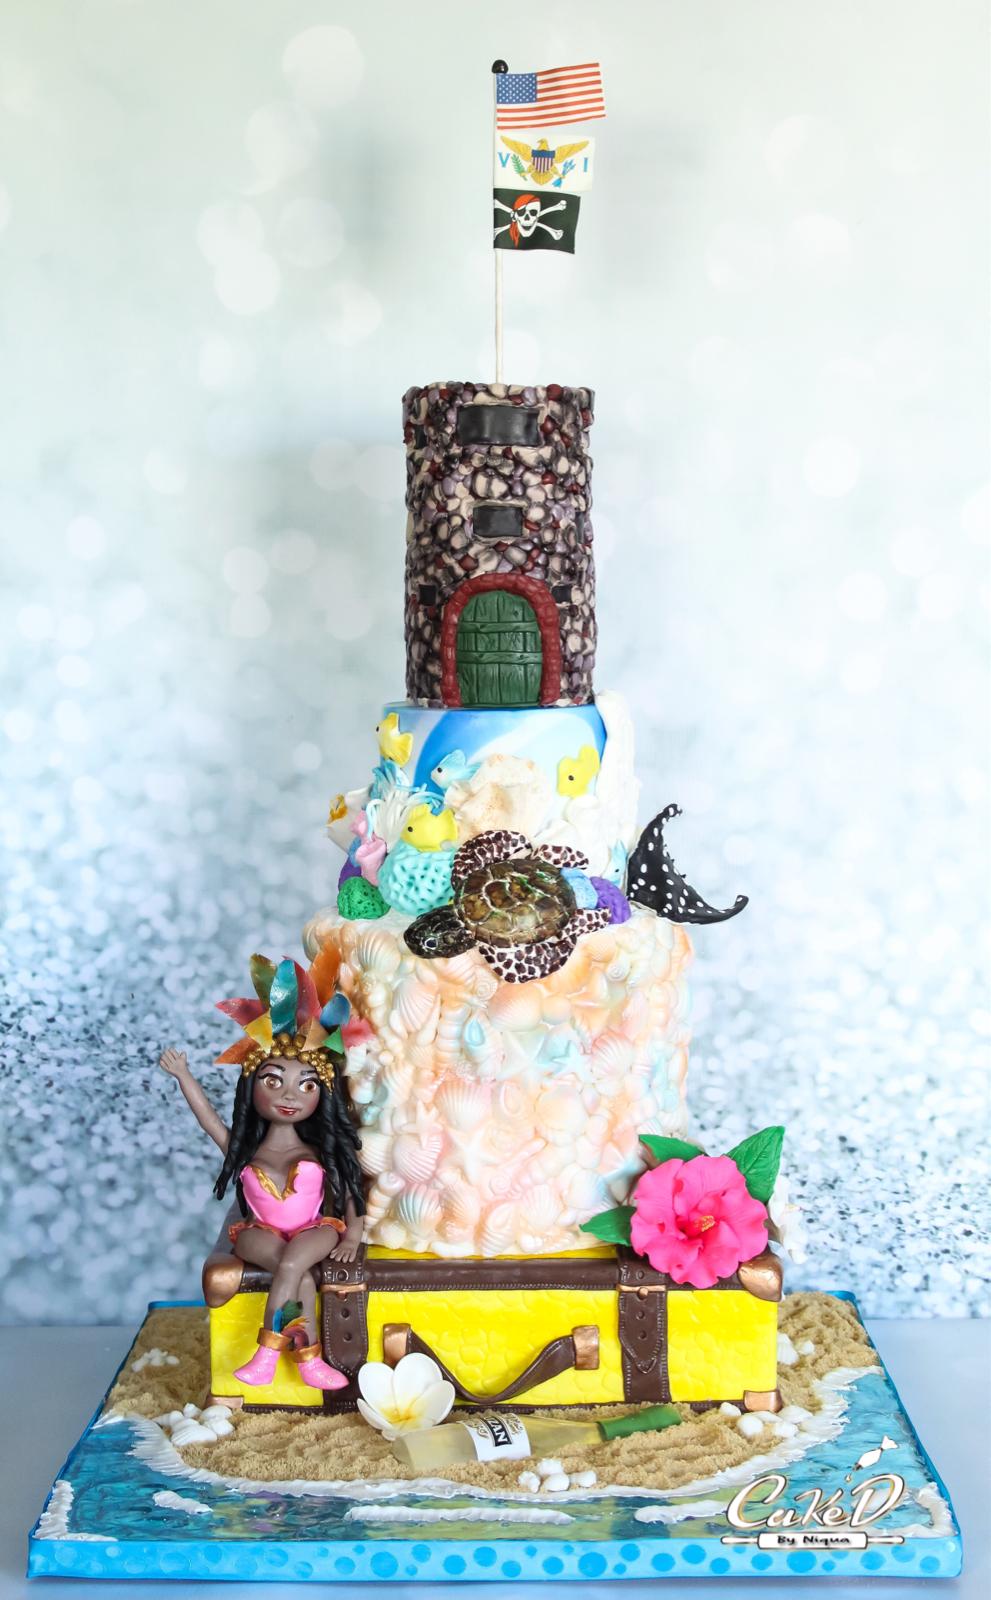 U.S. Virgin Islands Themed Cake